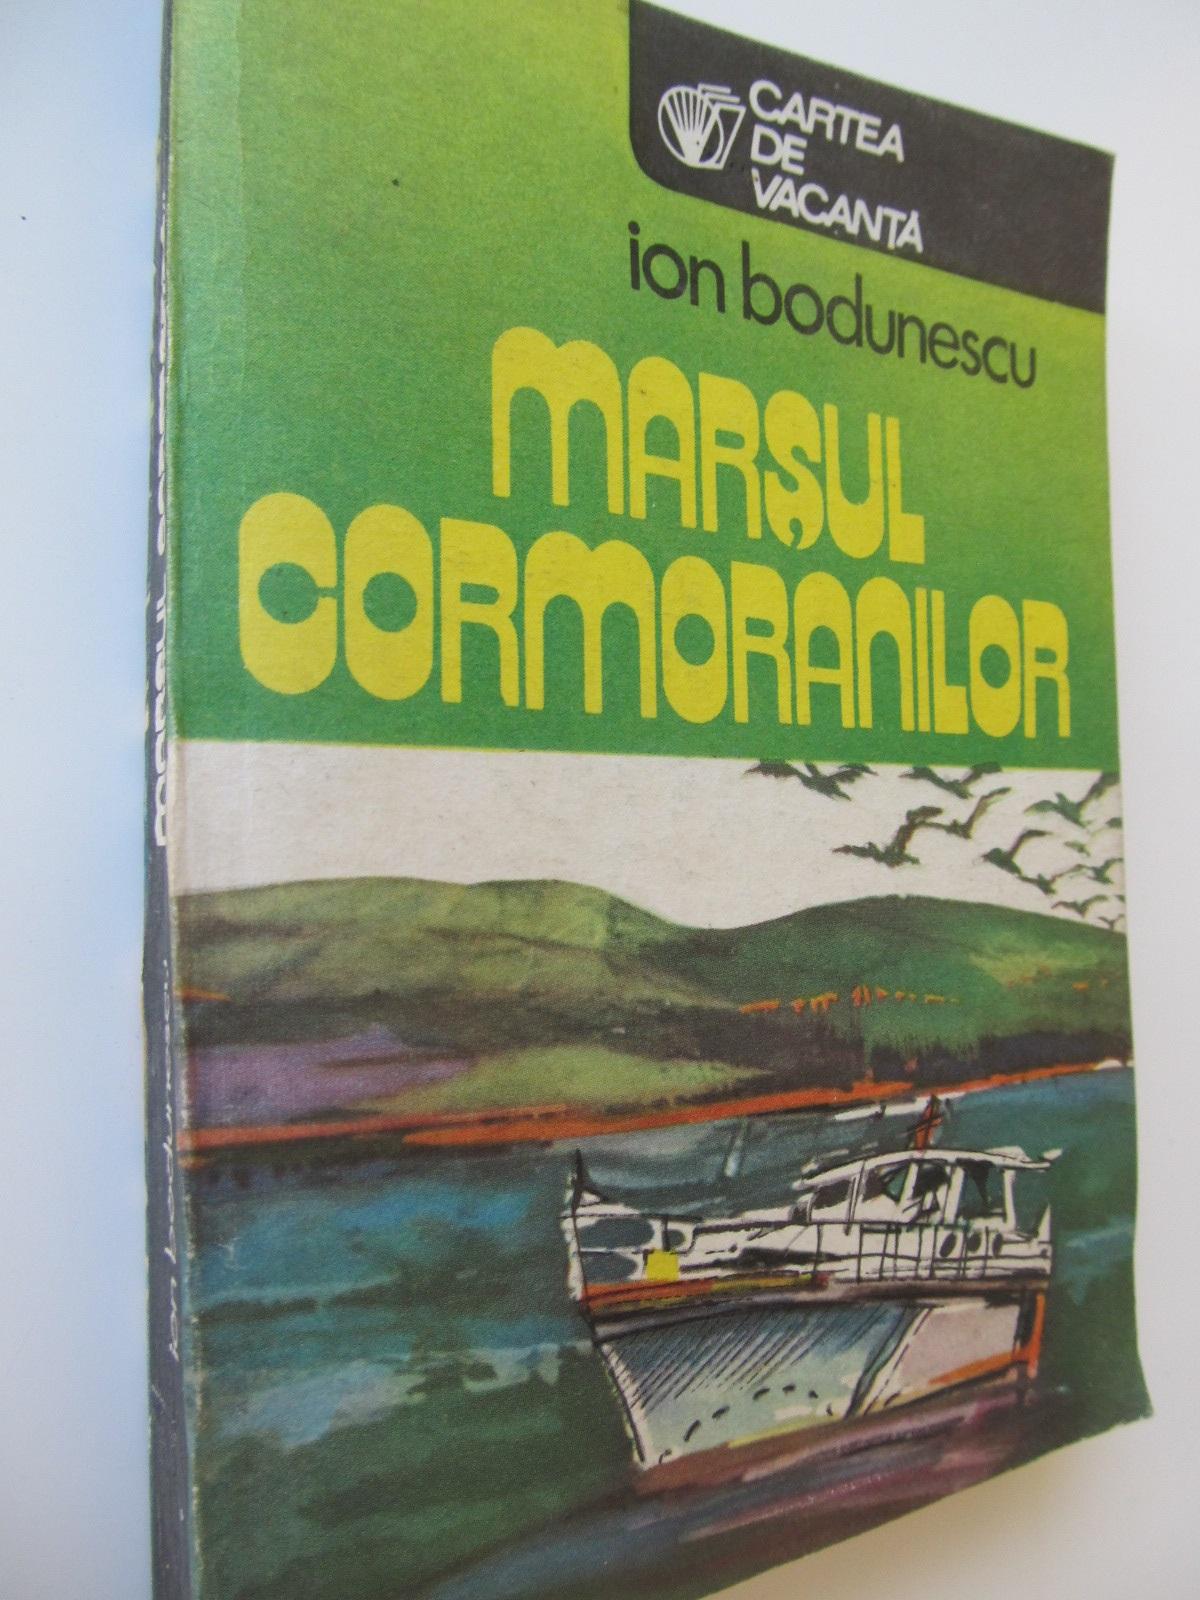 Marsul cormoranilor - Ion Bodunescu | Detalii carte